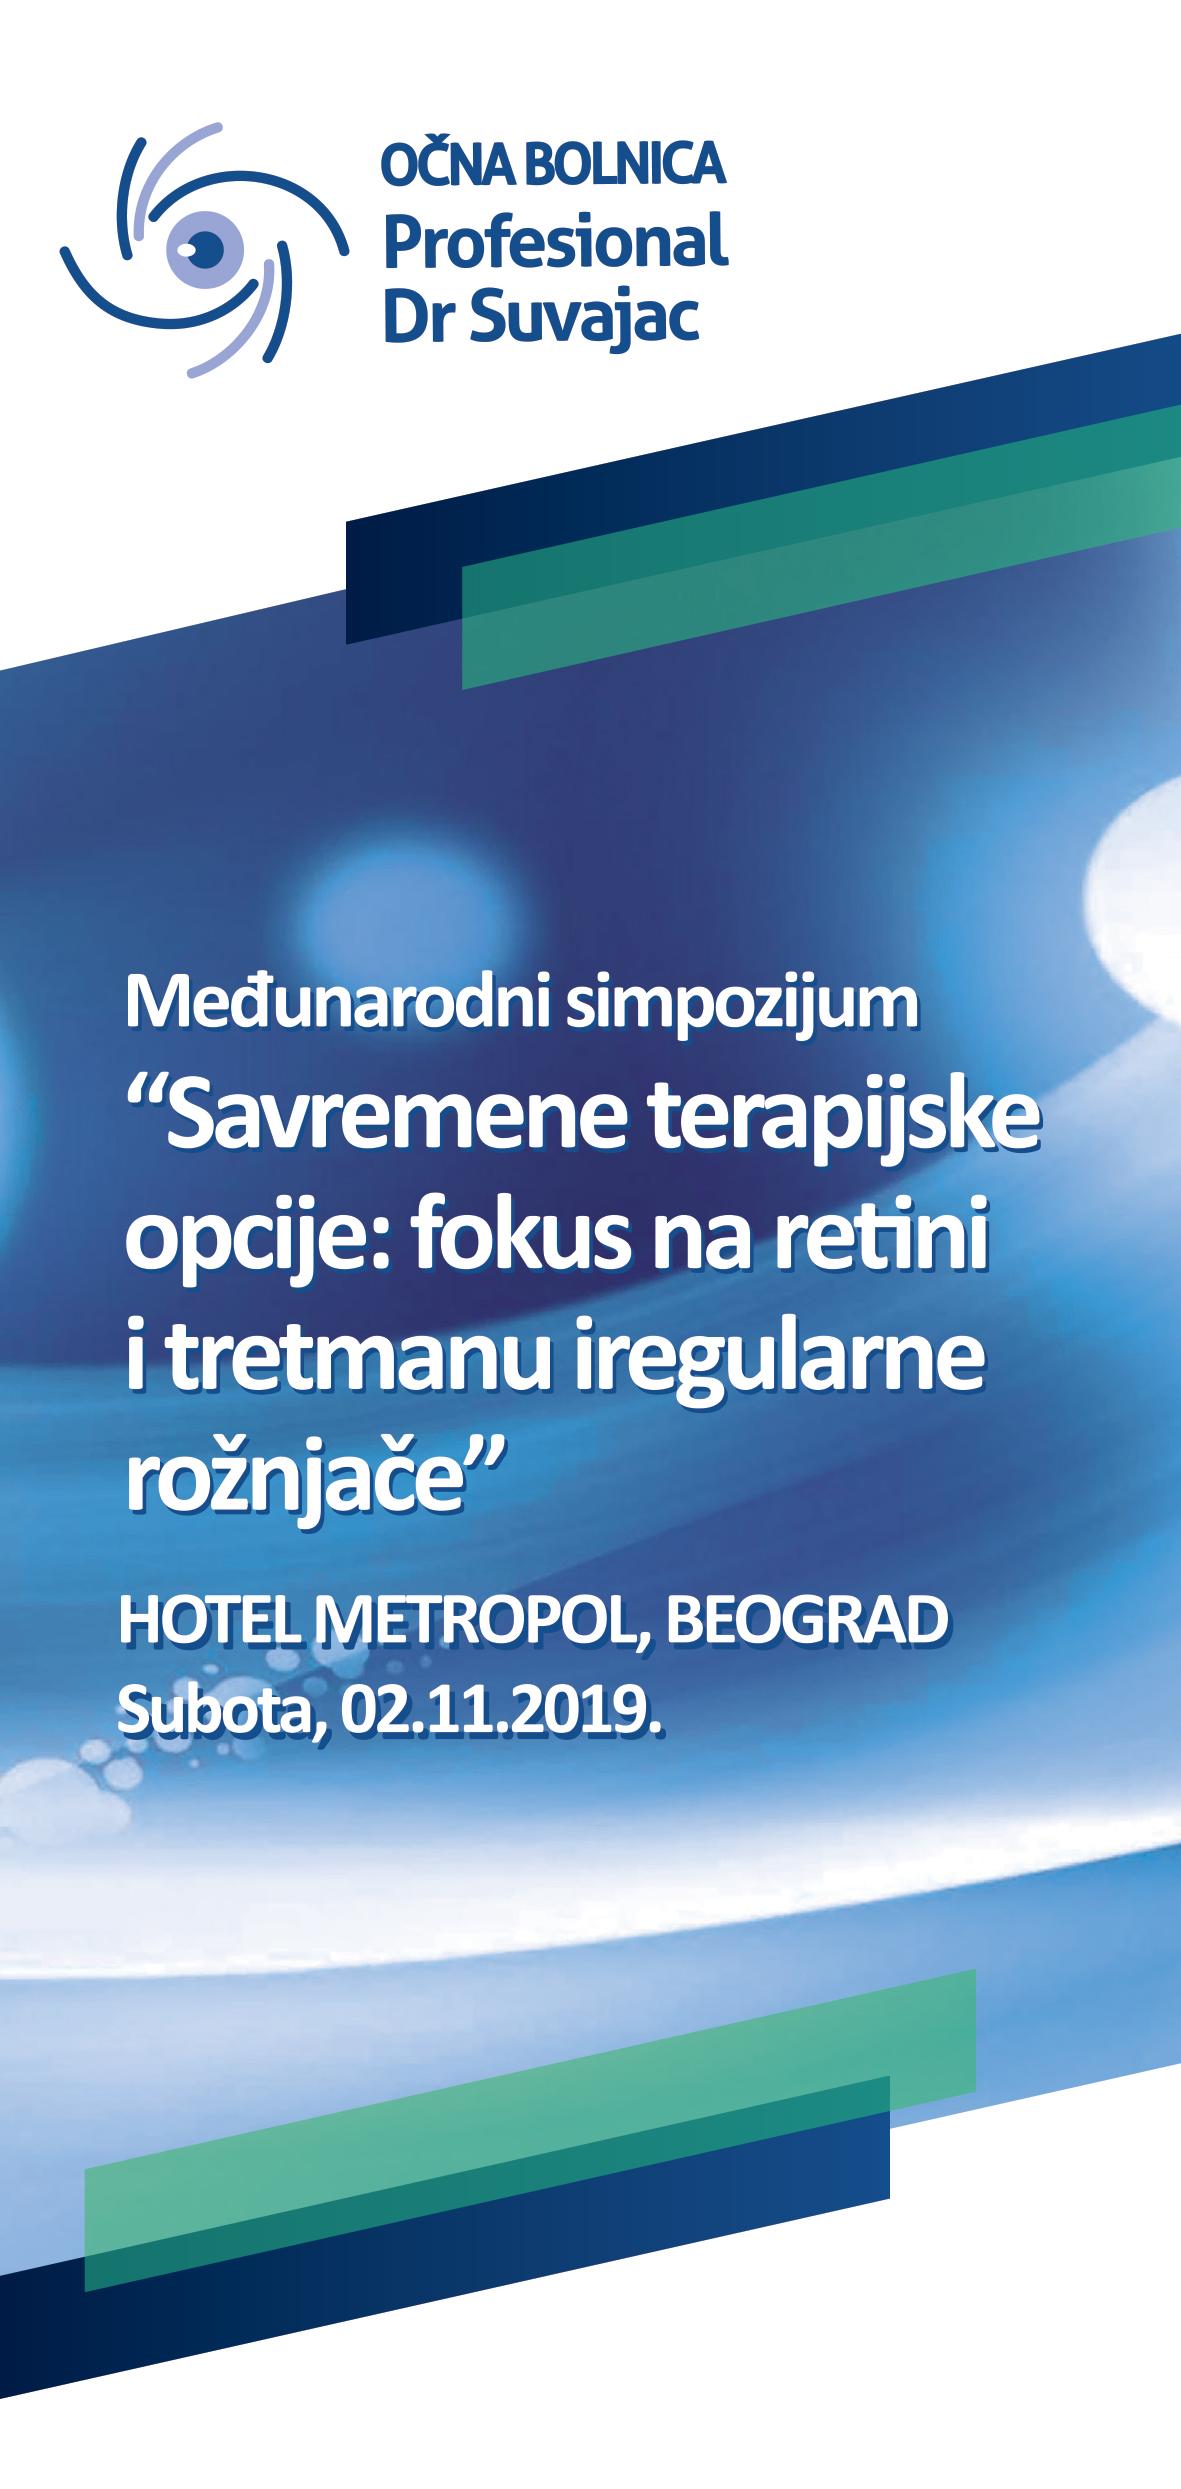 Međunarodni Simpozijum – Savremene Terapijske Opcije: focus na retini i tretmanu iregularne rožnjače – Očna Bolnica Profesional